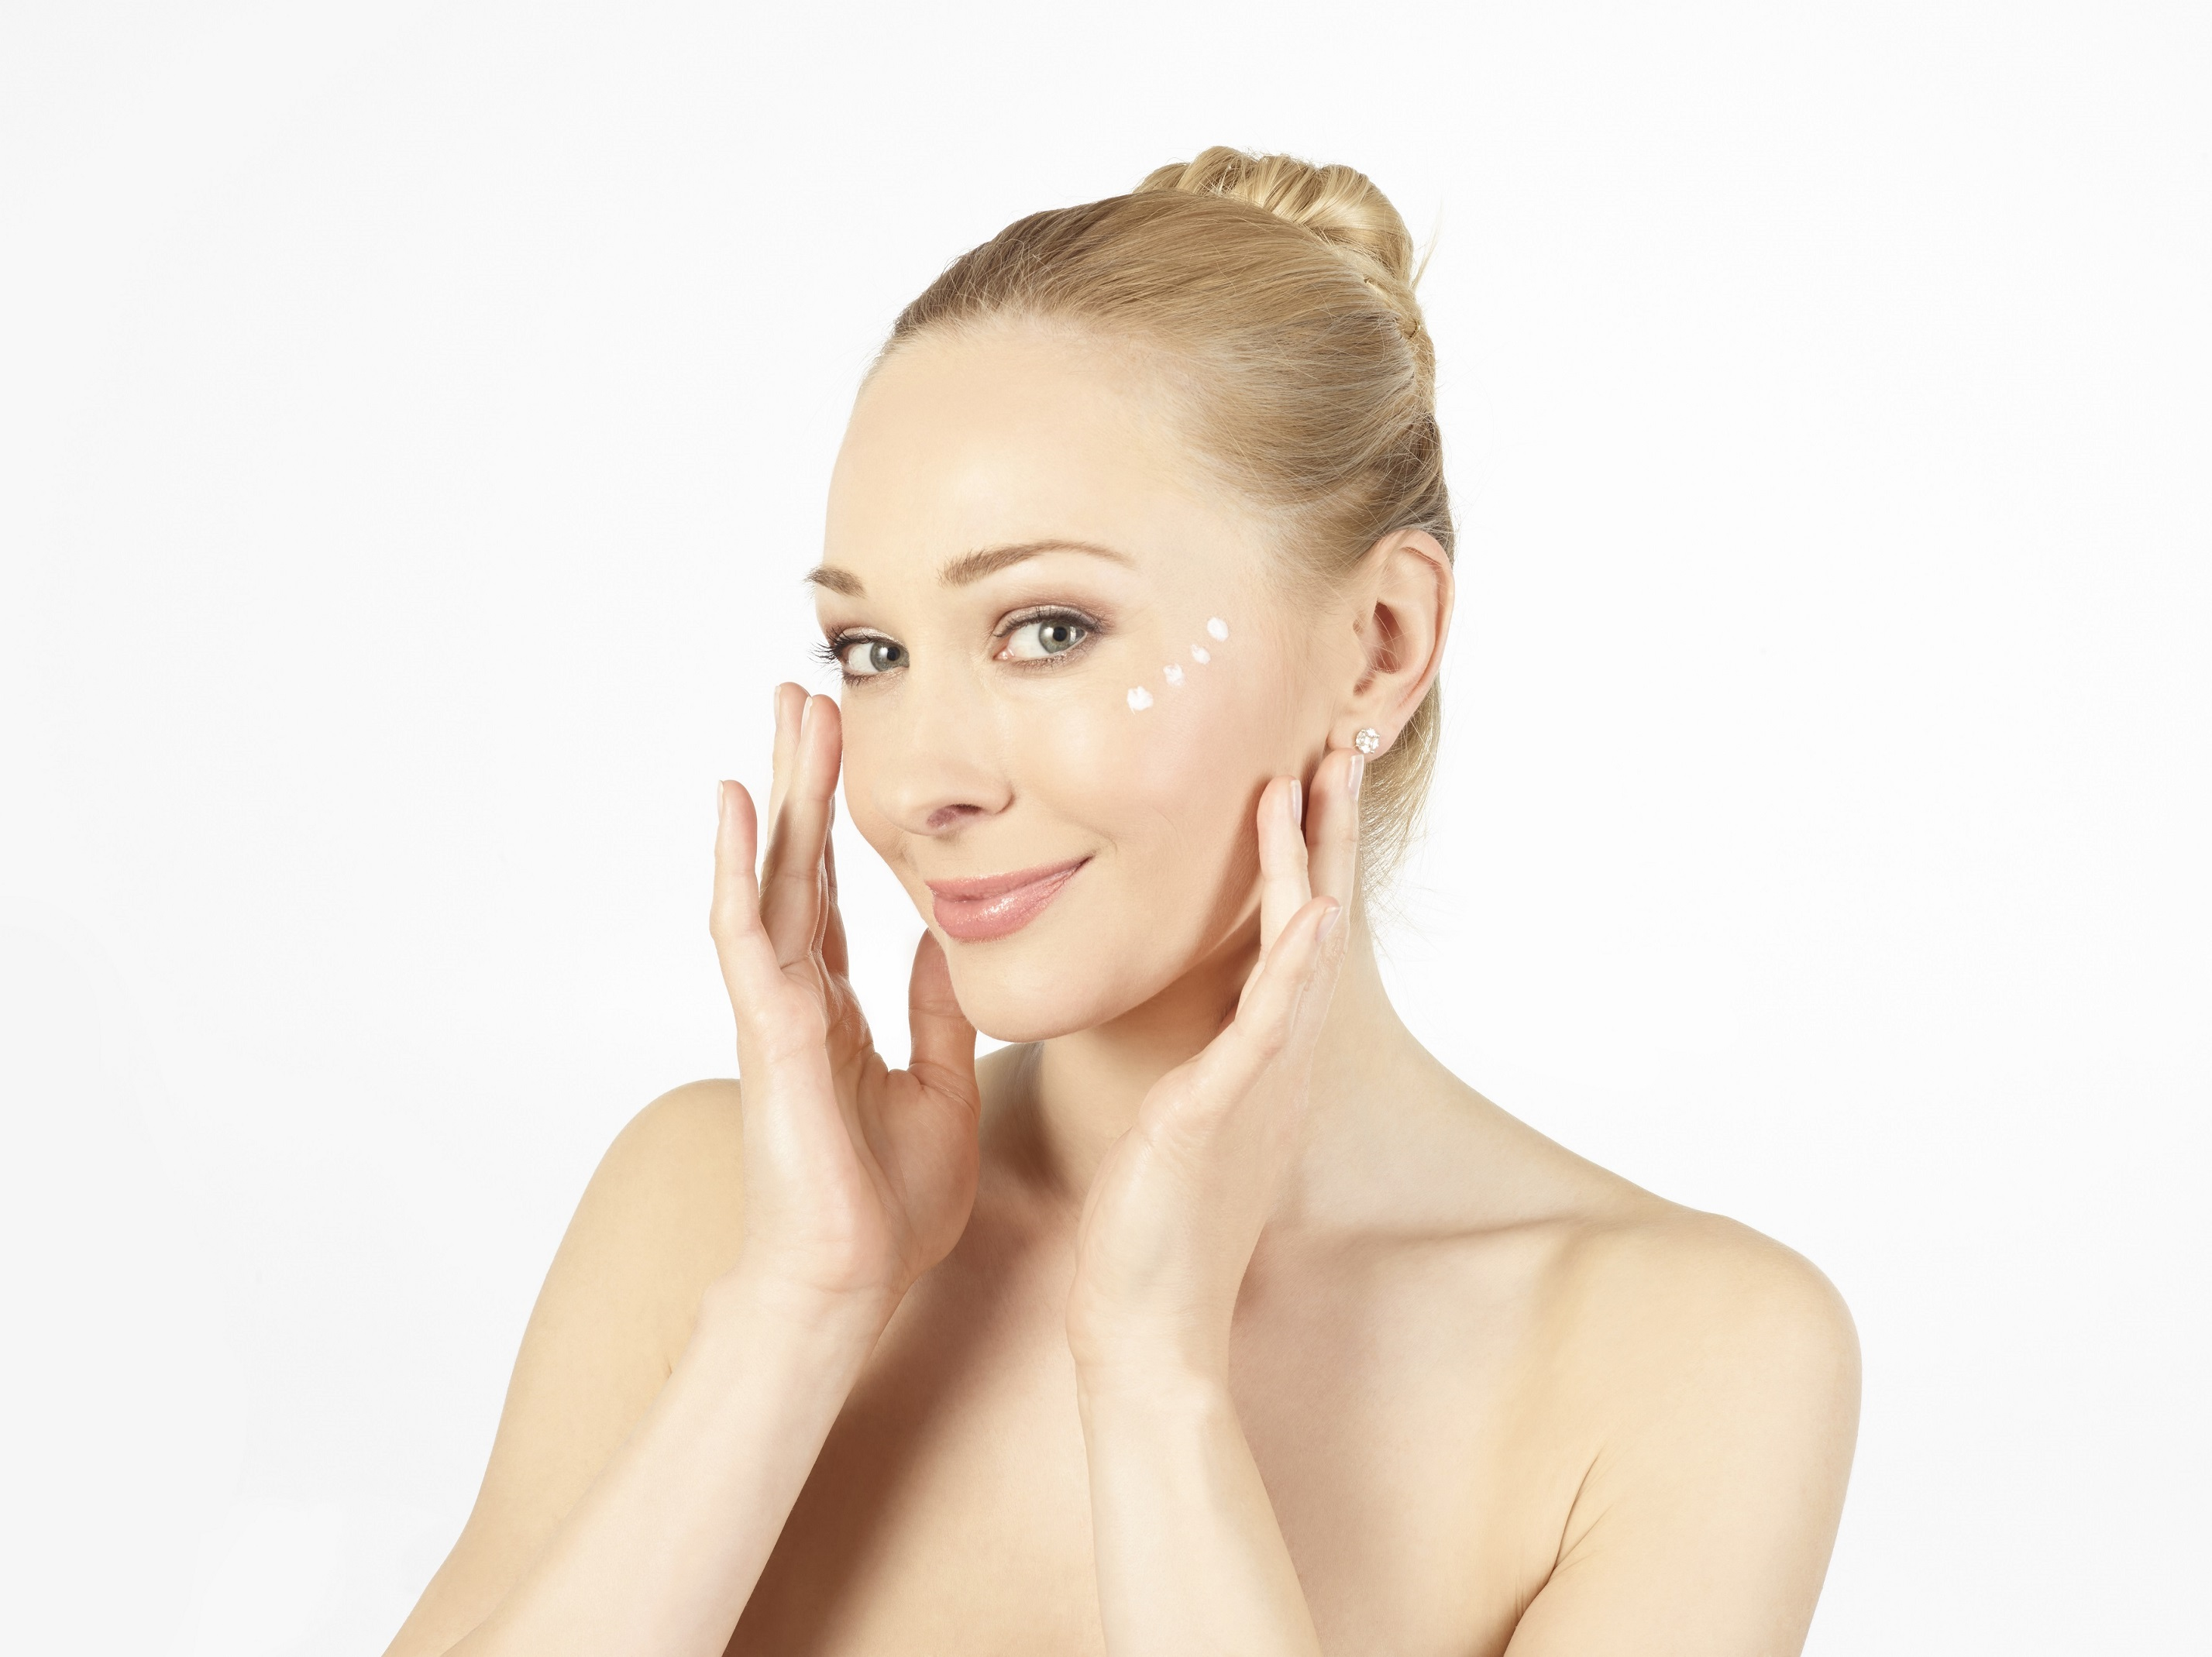 Gesichtspflege Model